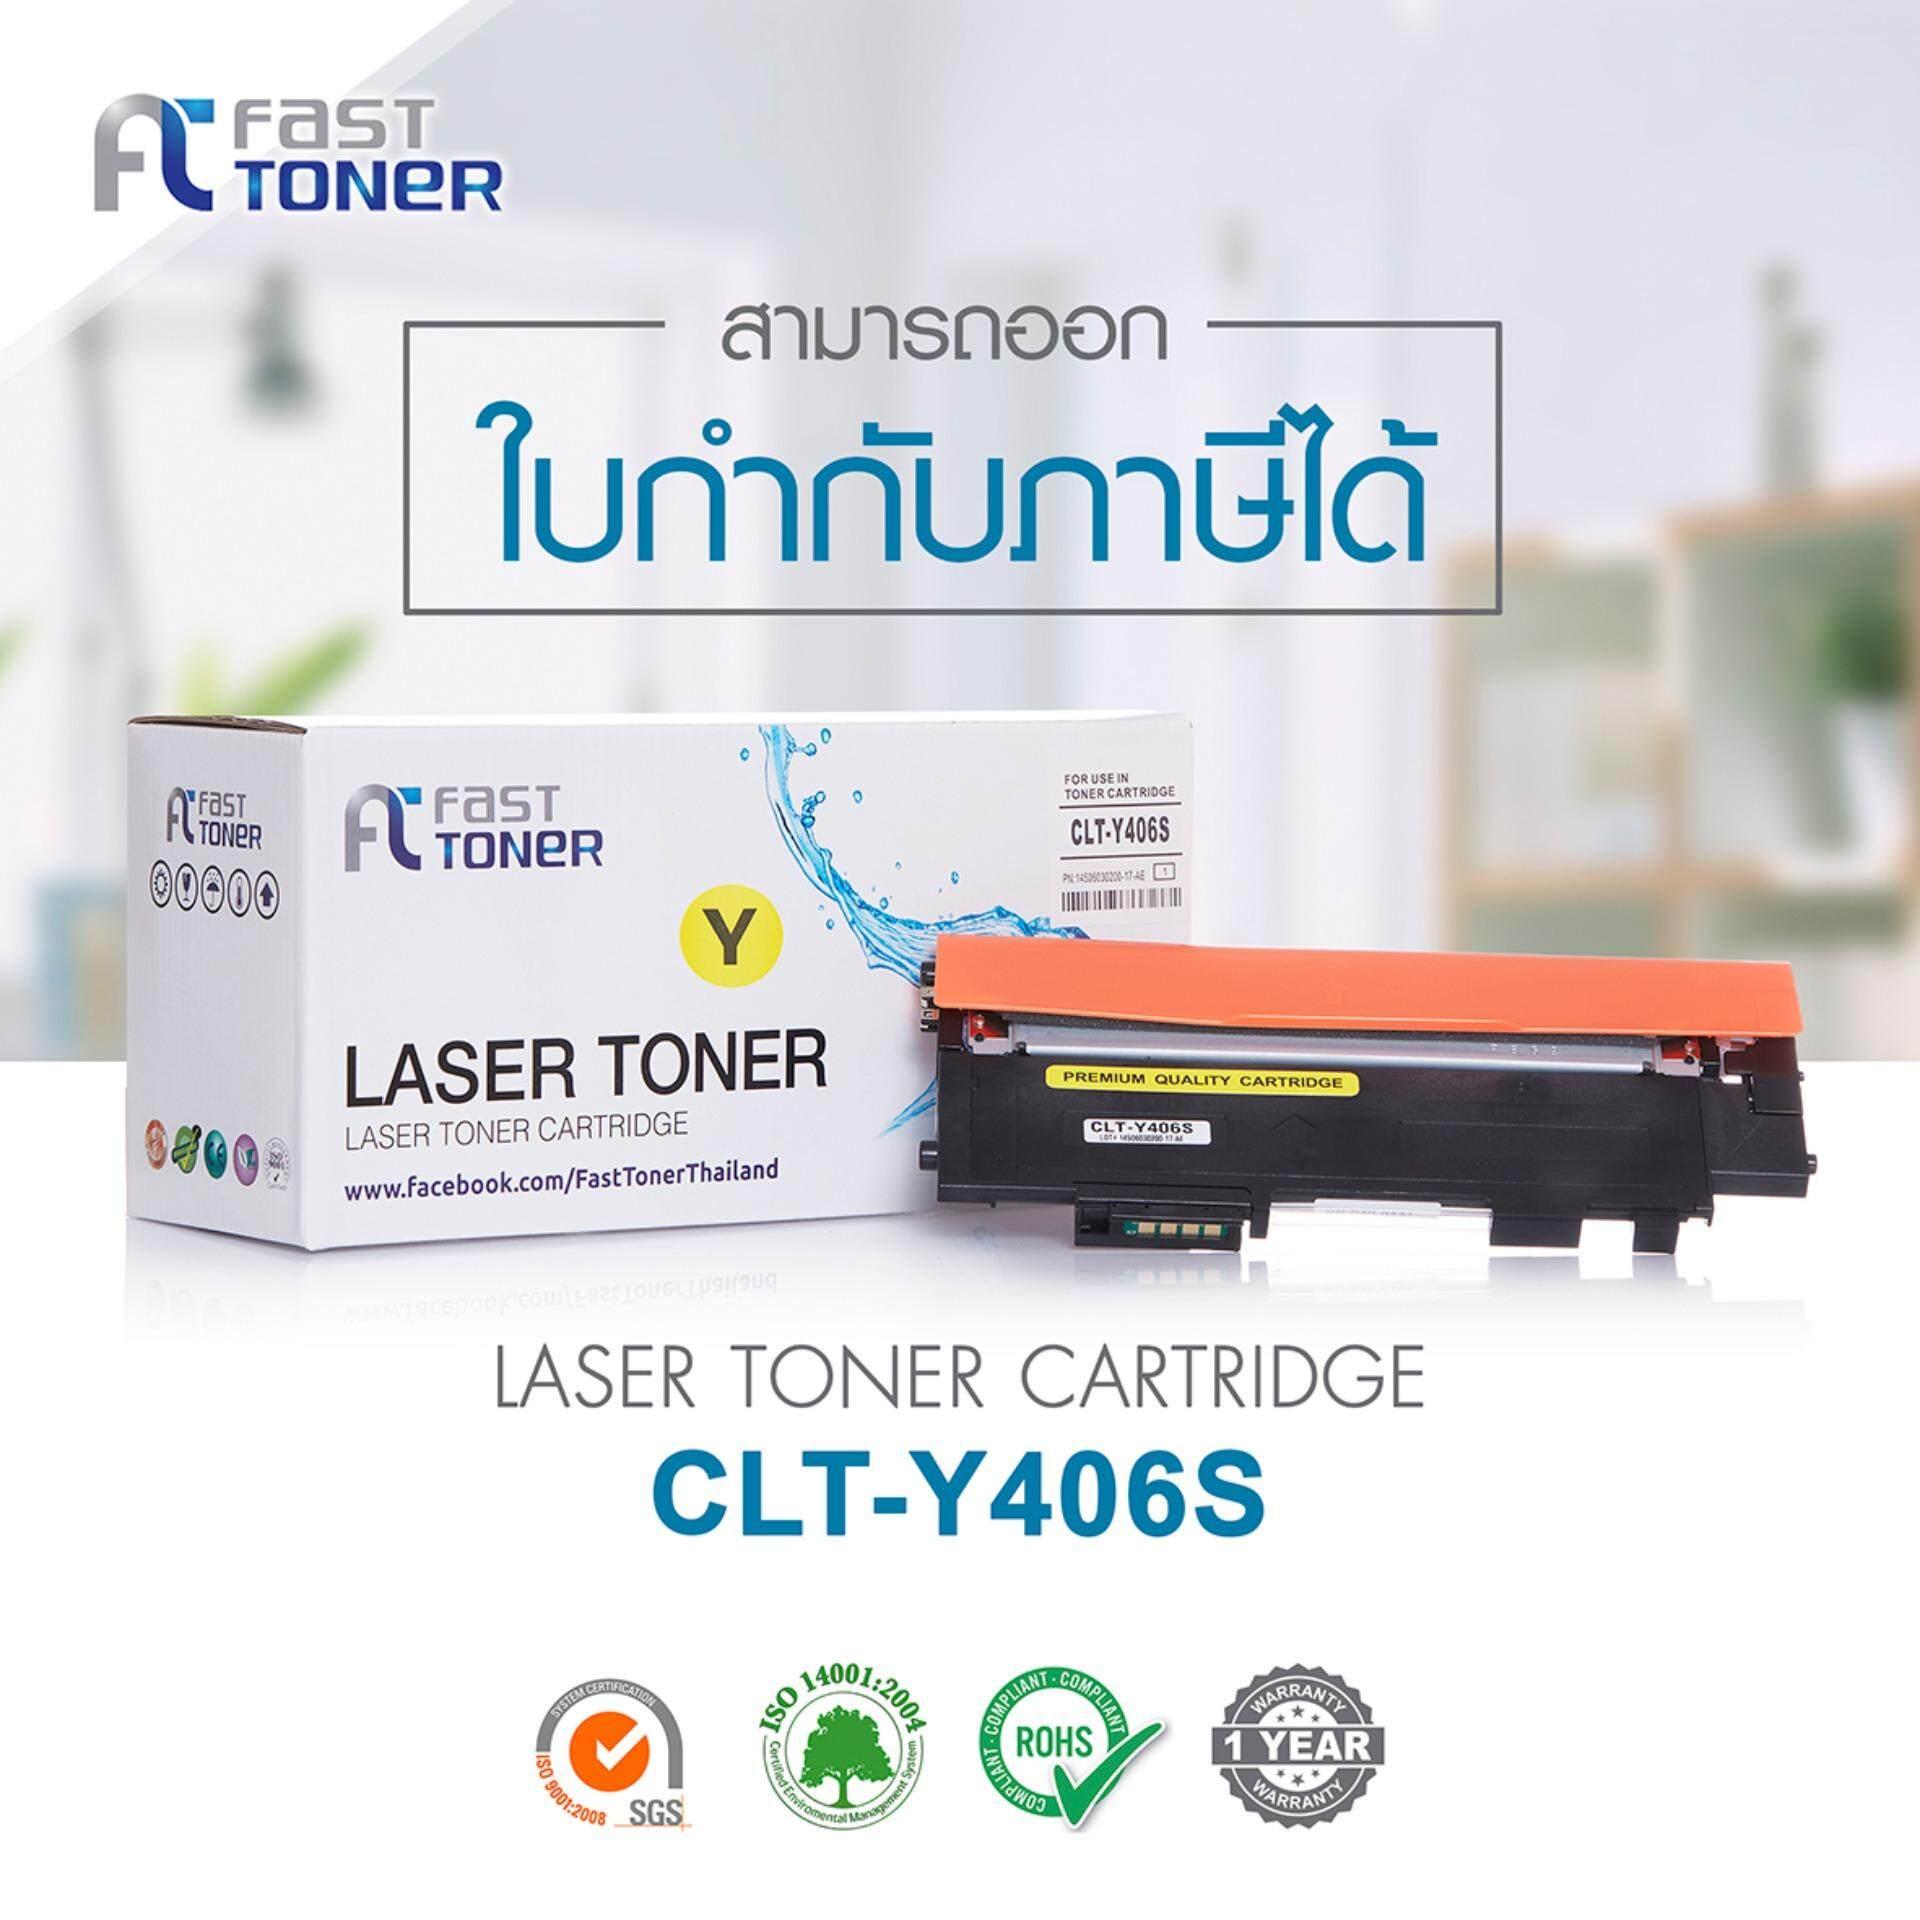 ส่วนลด Fast Toner ตลับหมึกเลเซอร์ Samsung Clt Y406S สีเหลือง For Printer Sumsung Xpress Sl C460 C410 Clp 365 W Clx 3305 W Fn กรุงเทพมหานคร